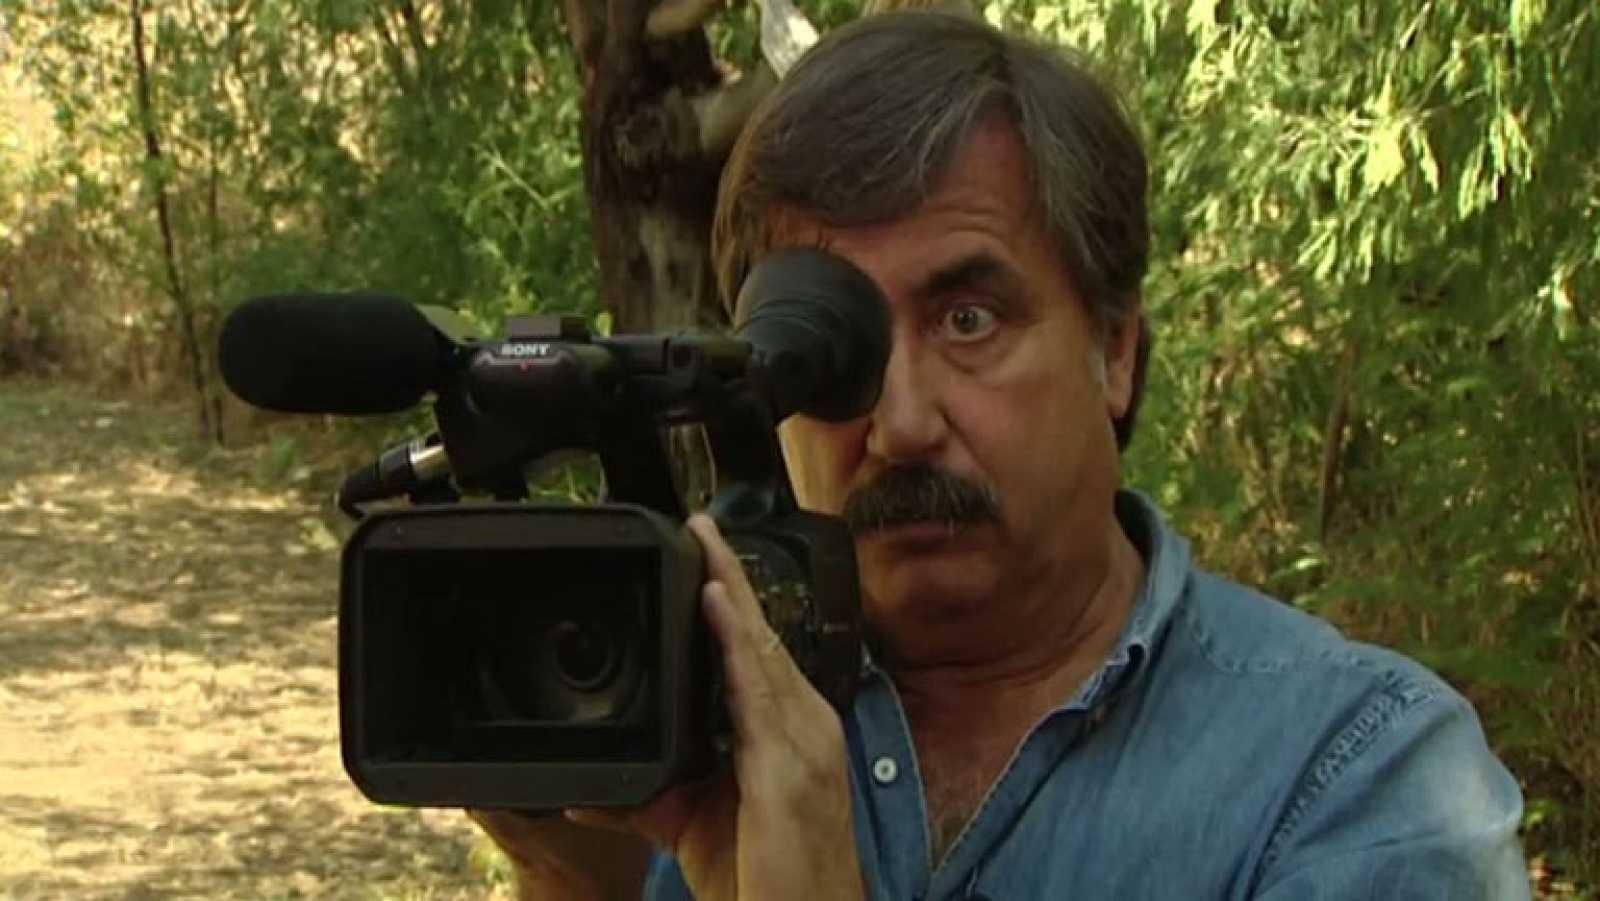 El ojo en la noticica - Evaristo Canete - El truco